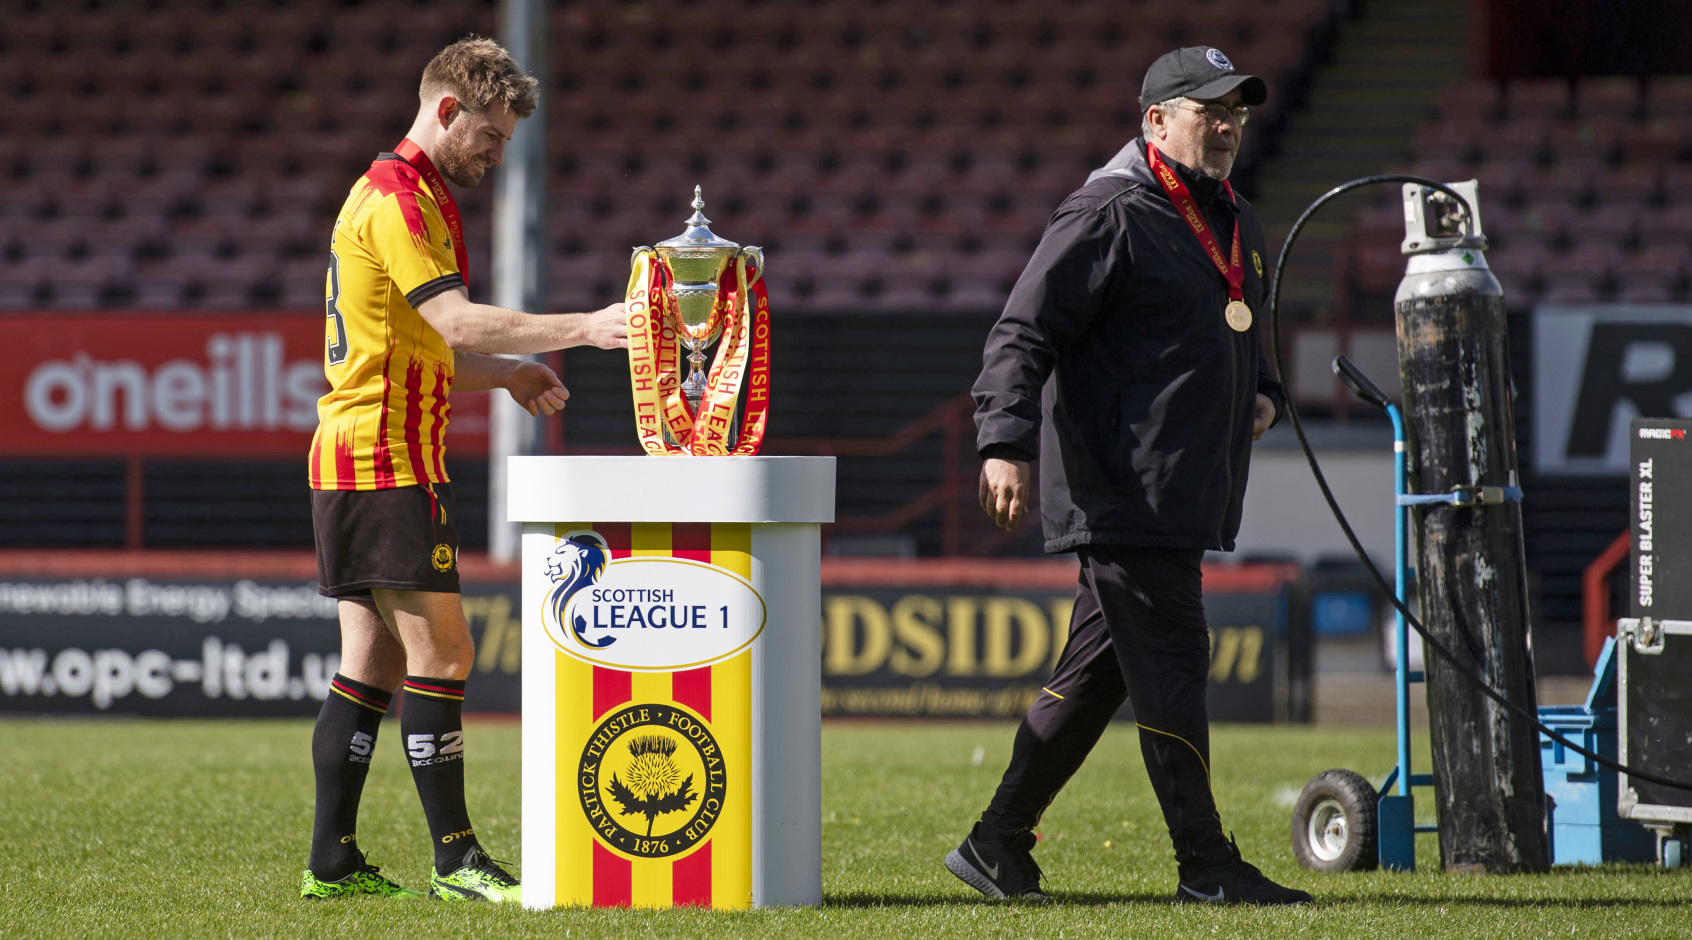 Месть по-шотландски: клуб не пустил футбольных чиновников на церемонию награждения (+Фото, Видео)